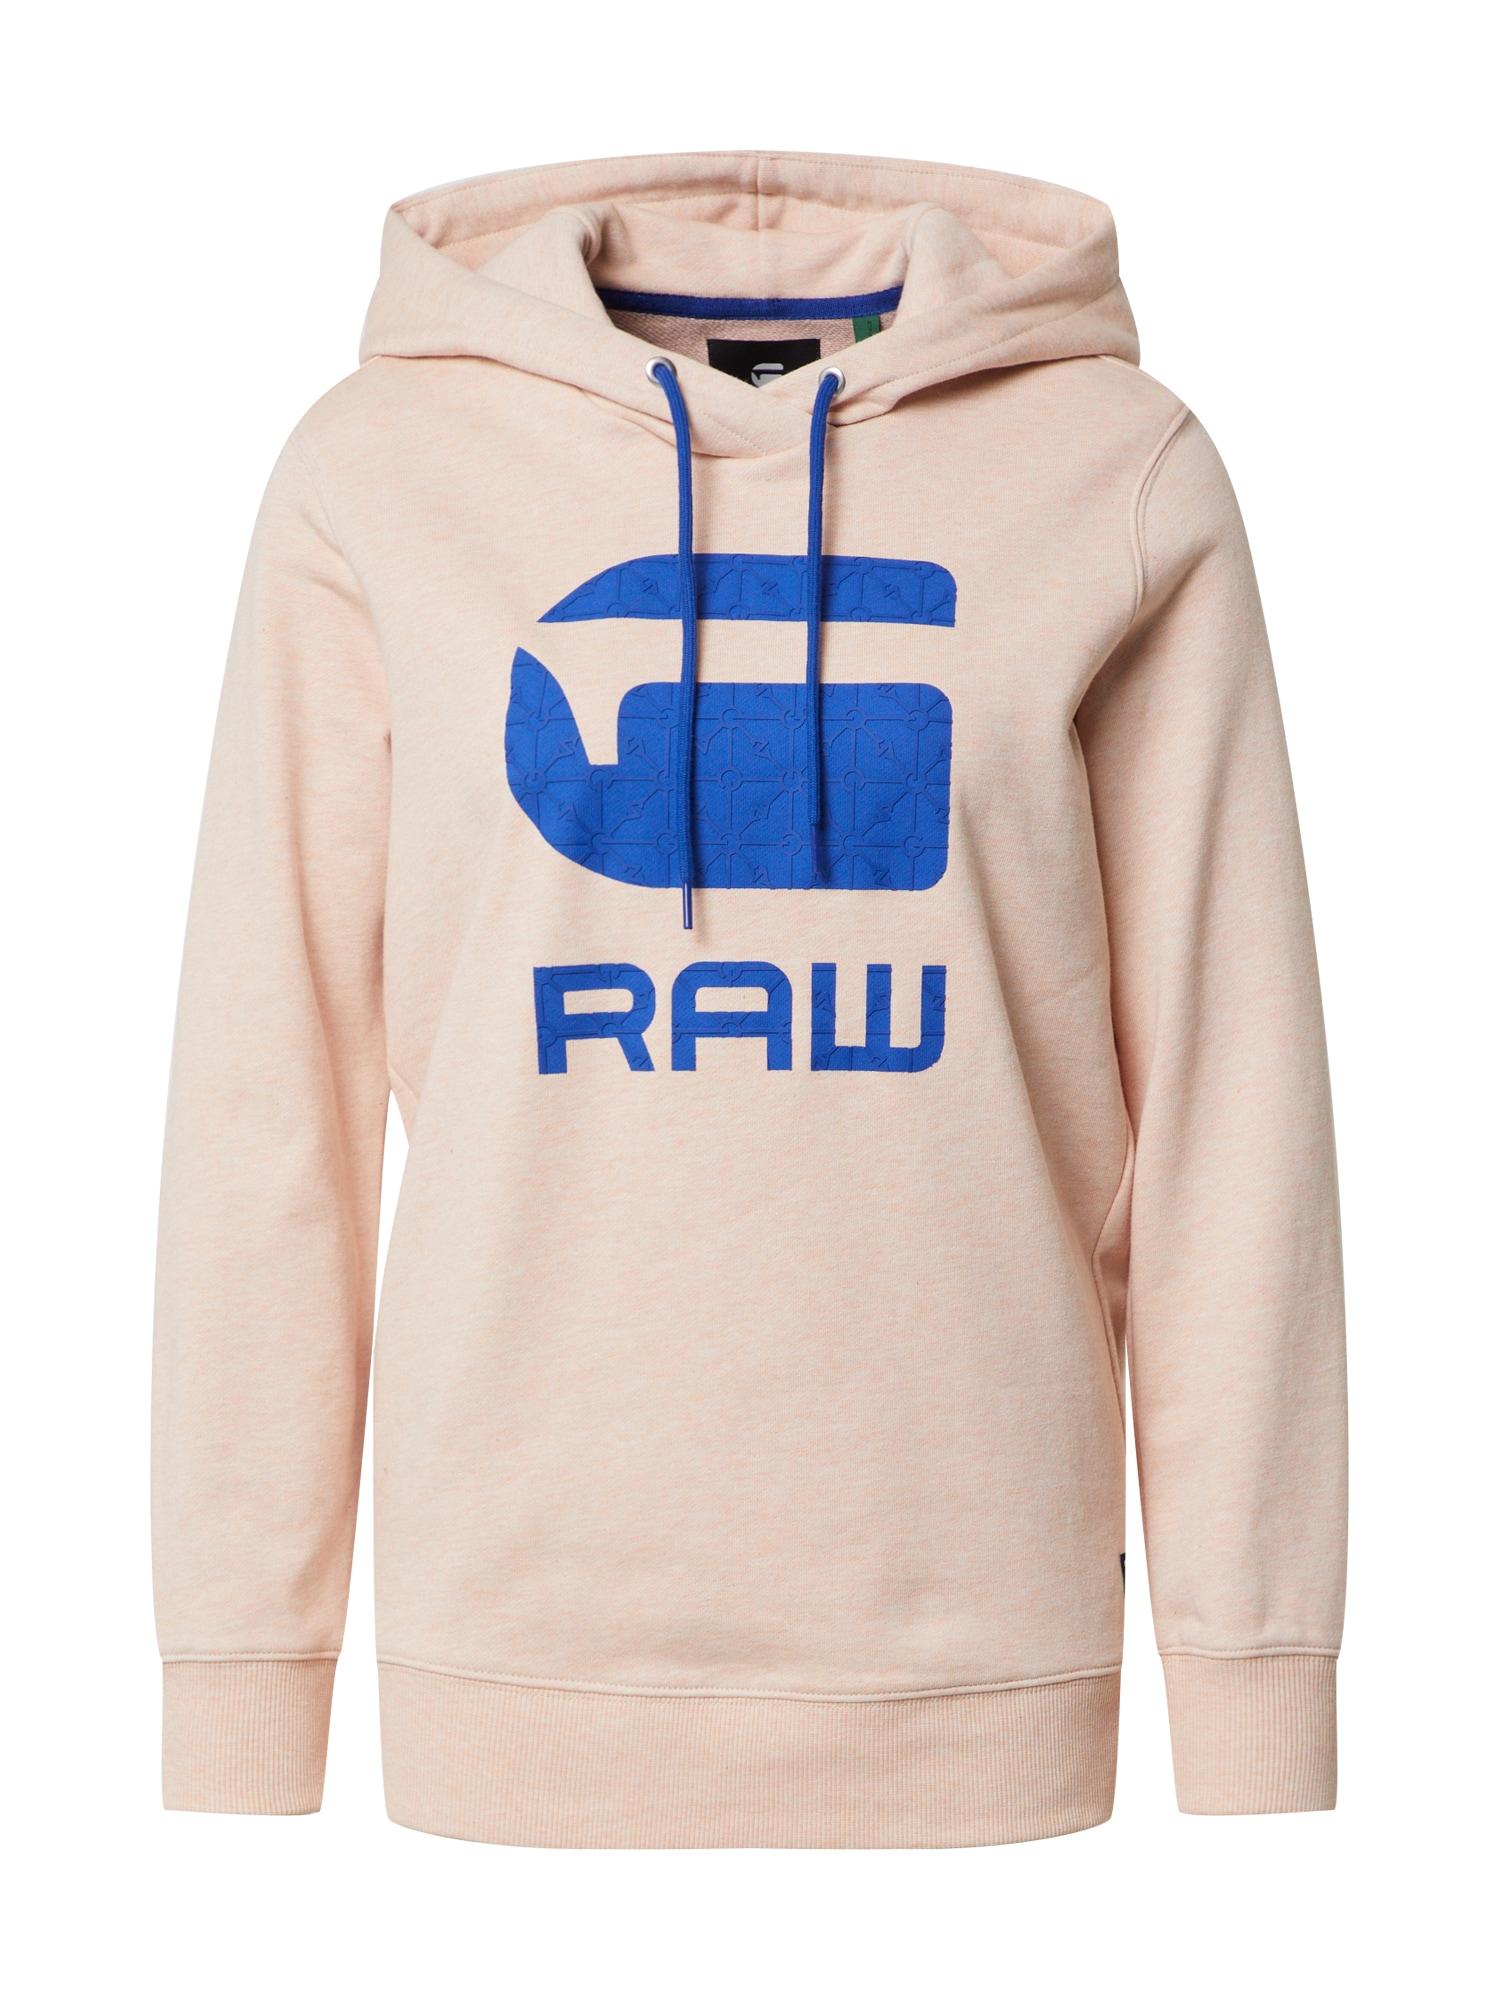 G-Star RAW Megztinis be užsegimo 'Boyfriend' mėlyna / lašišų spalva